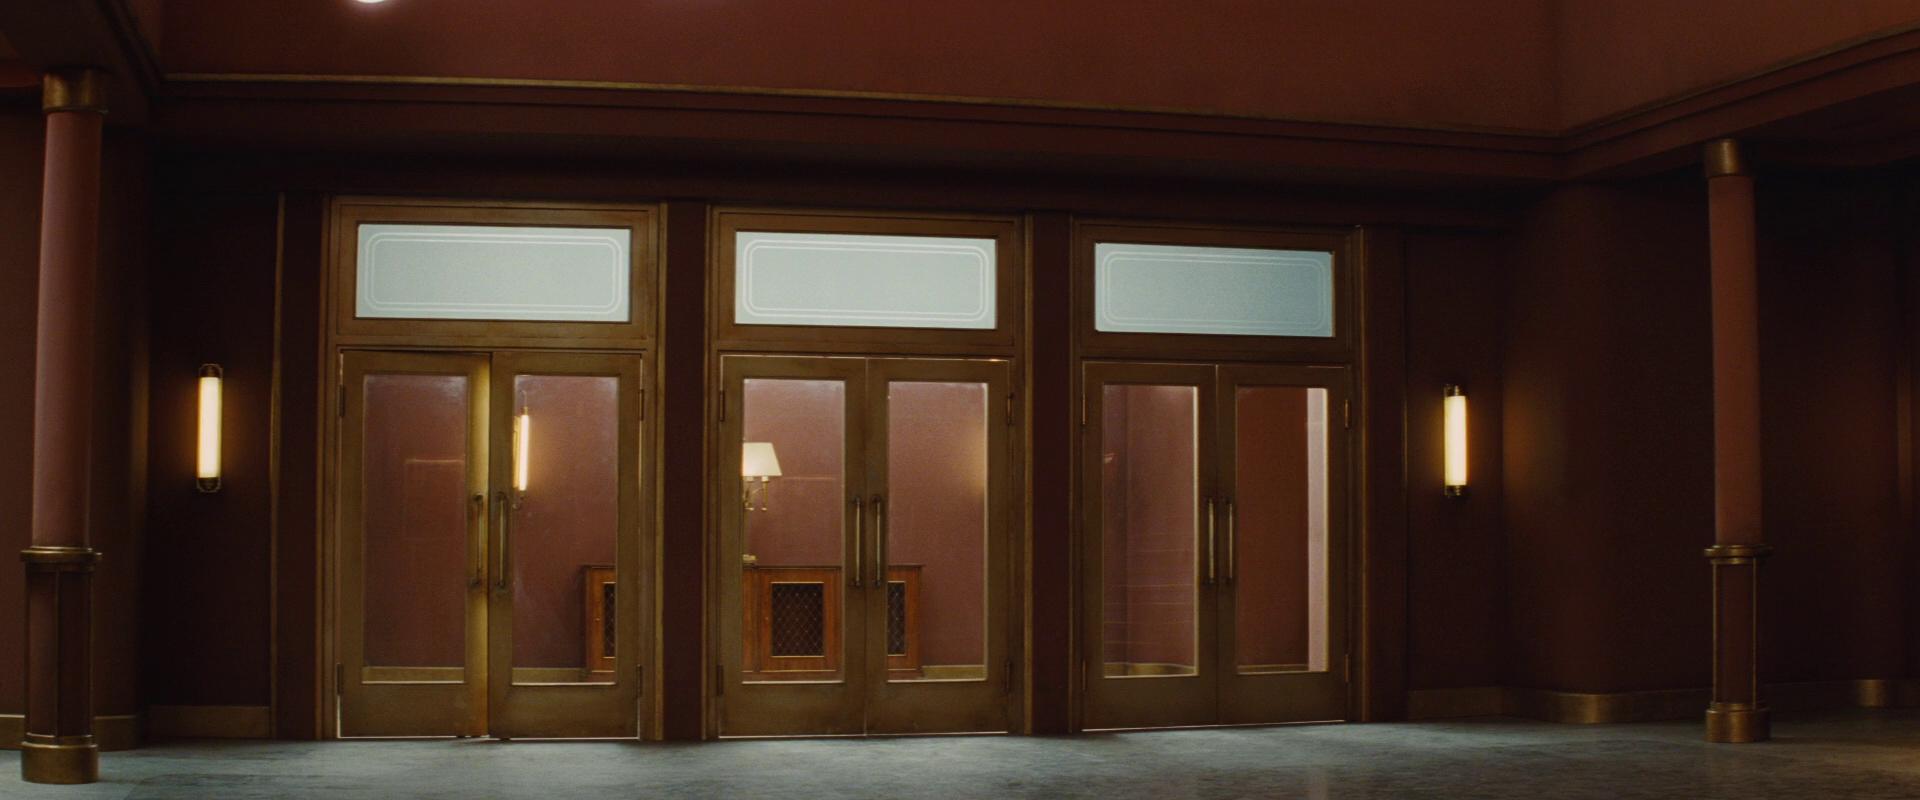 Cinema Door & Image Is Loading TWO-DOOR-CINEMA-CLUB-SIGNED